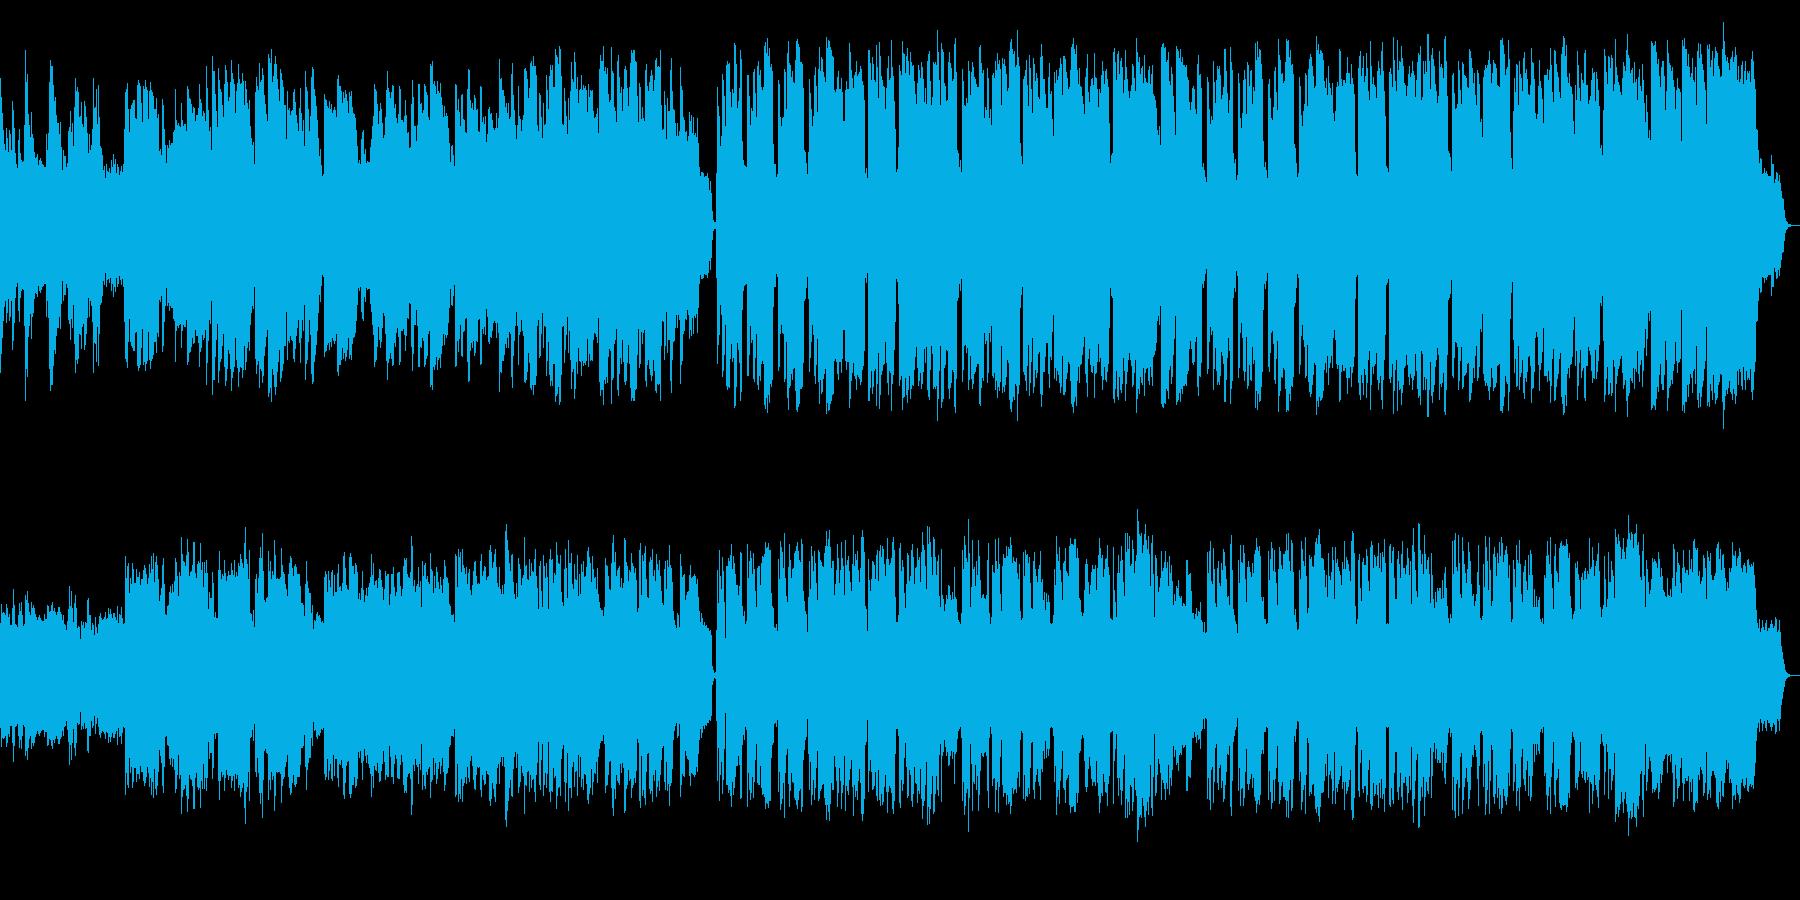 しっとりとしたサックスとピアノのジャズの再生済みの波形